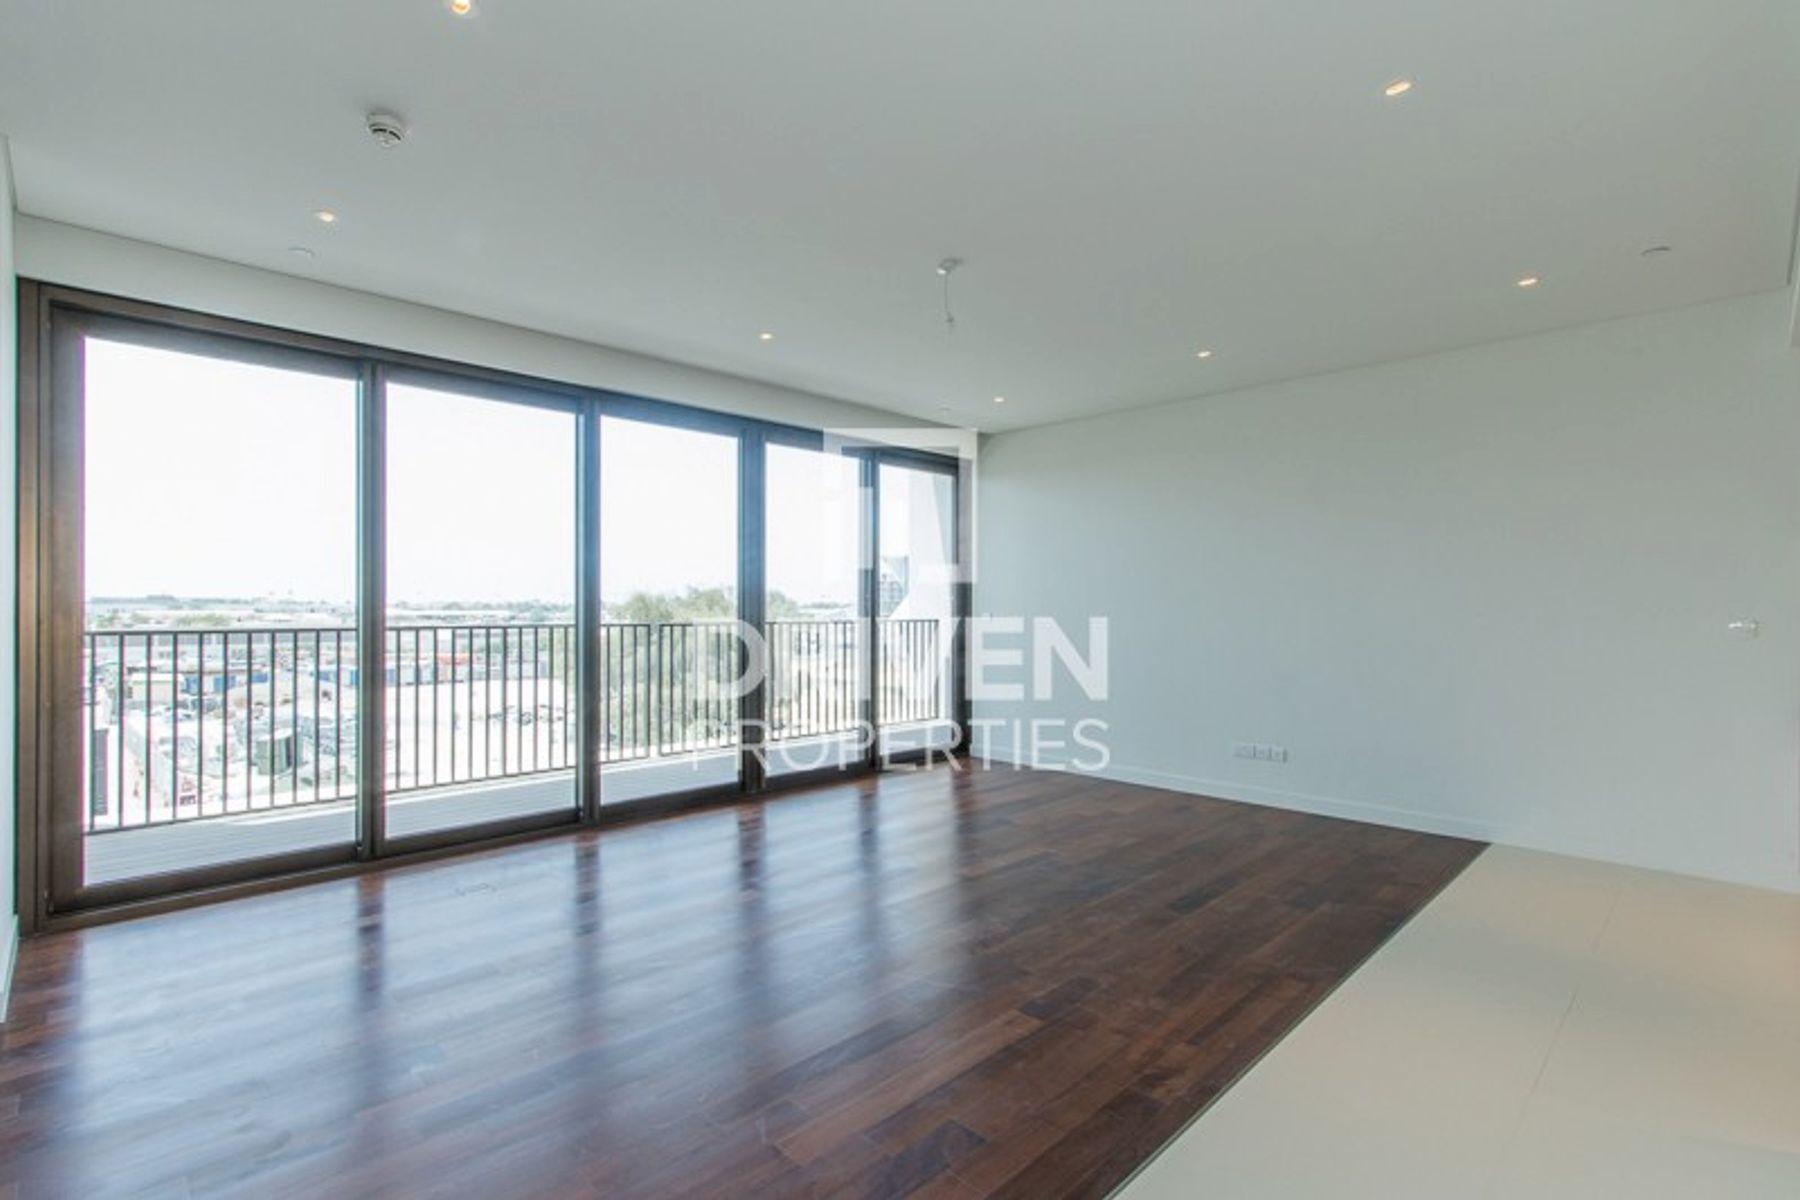 2,324 قدم مربع  شقة - للبيع - سيتي ووك